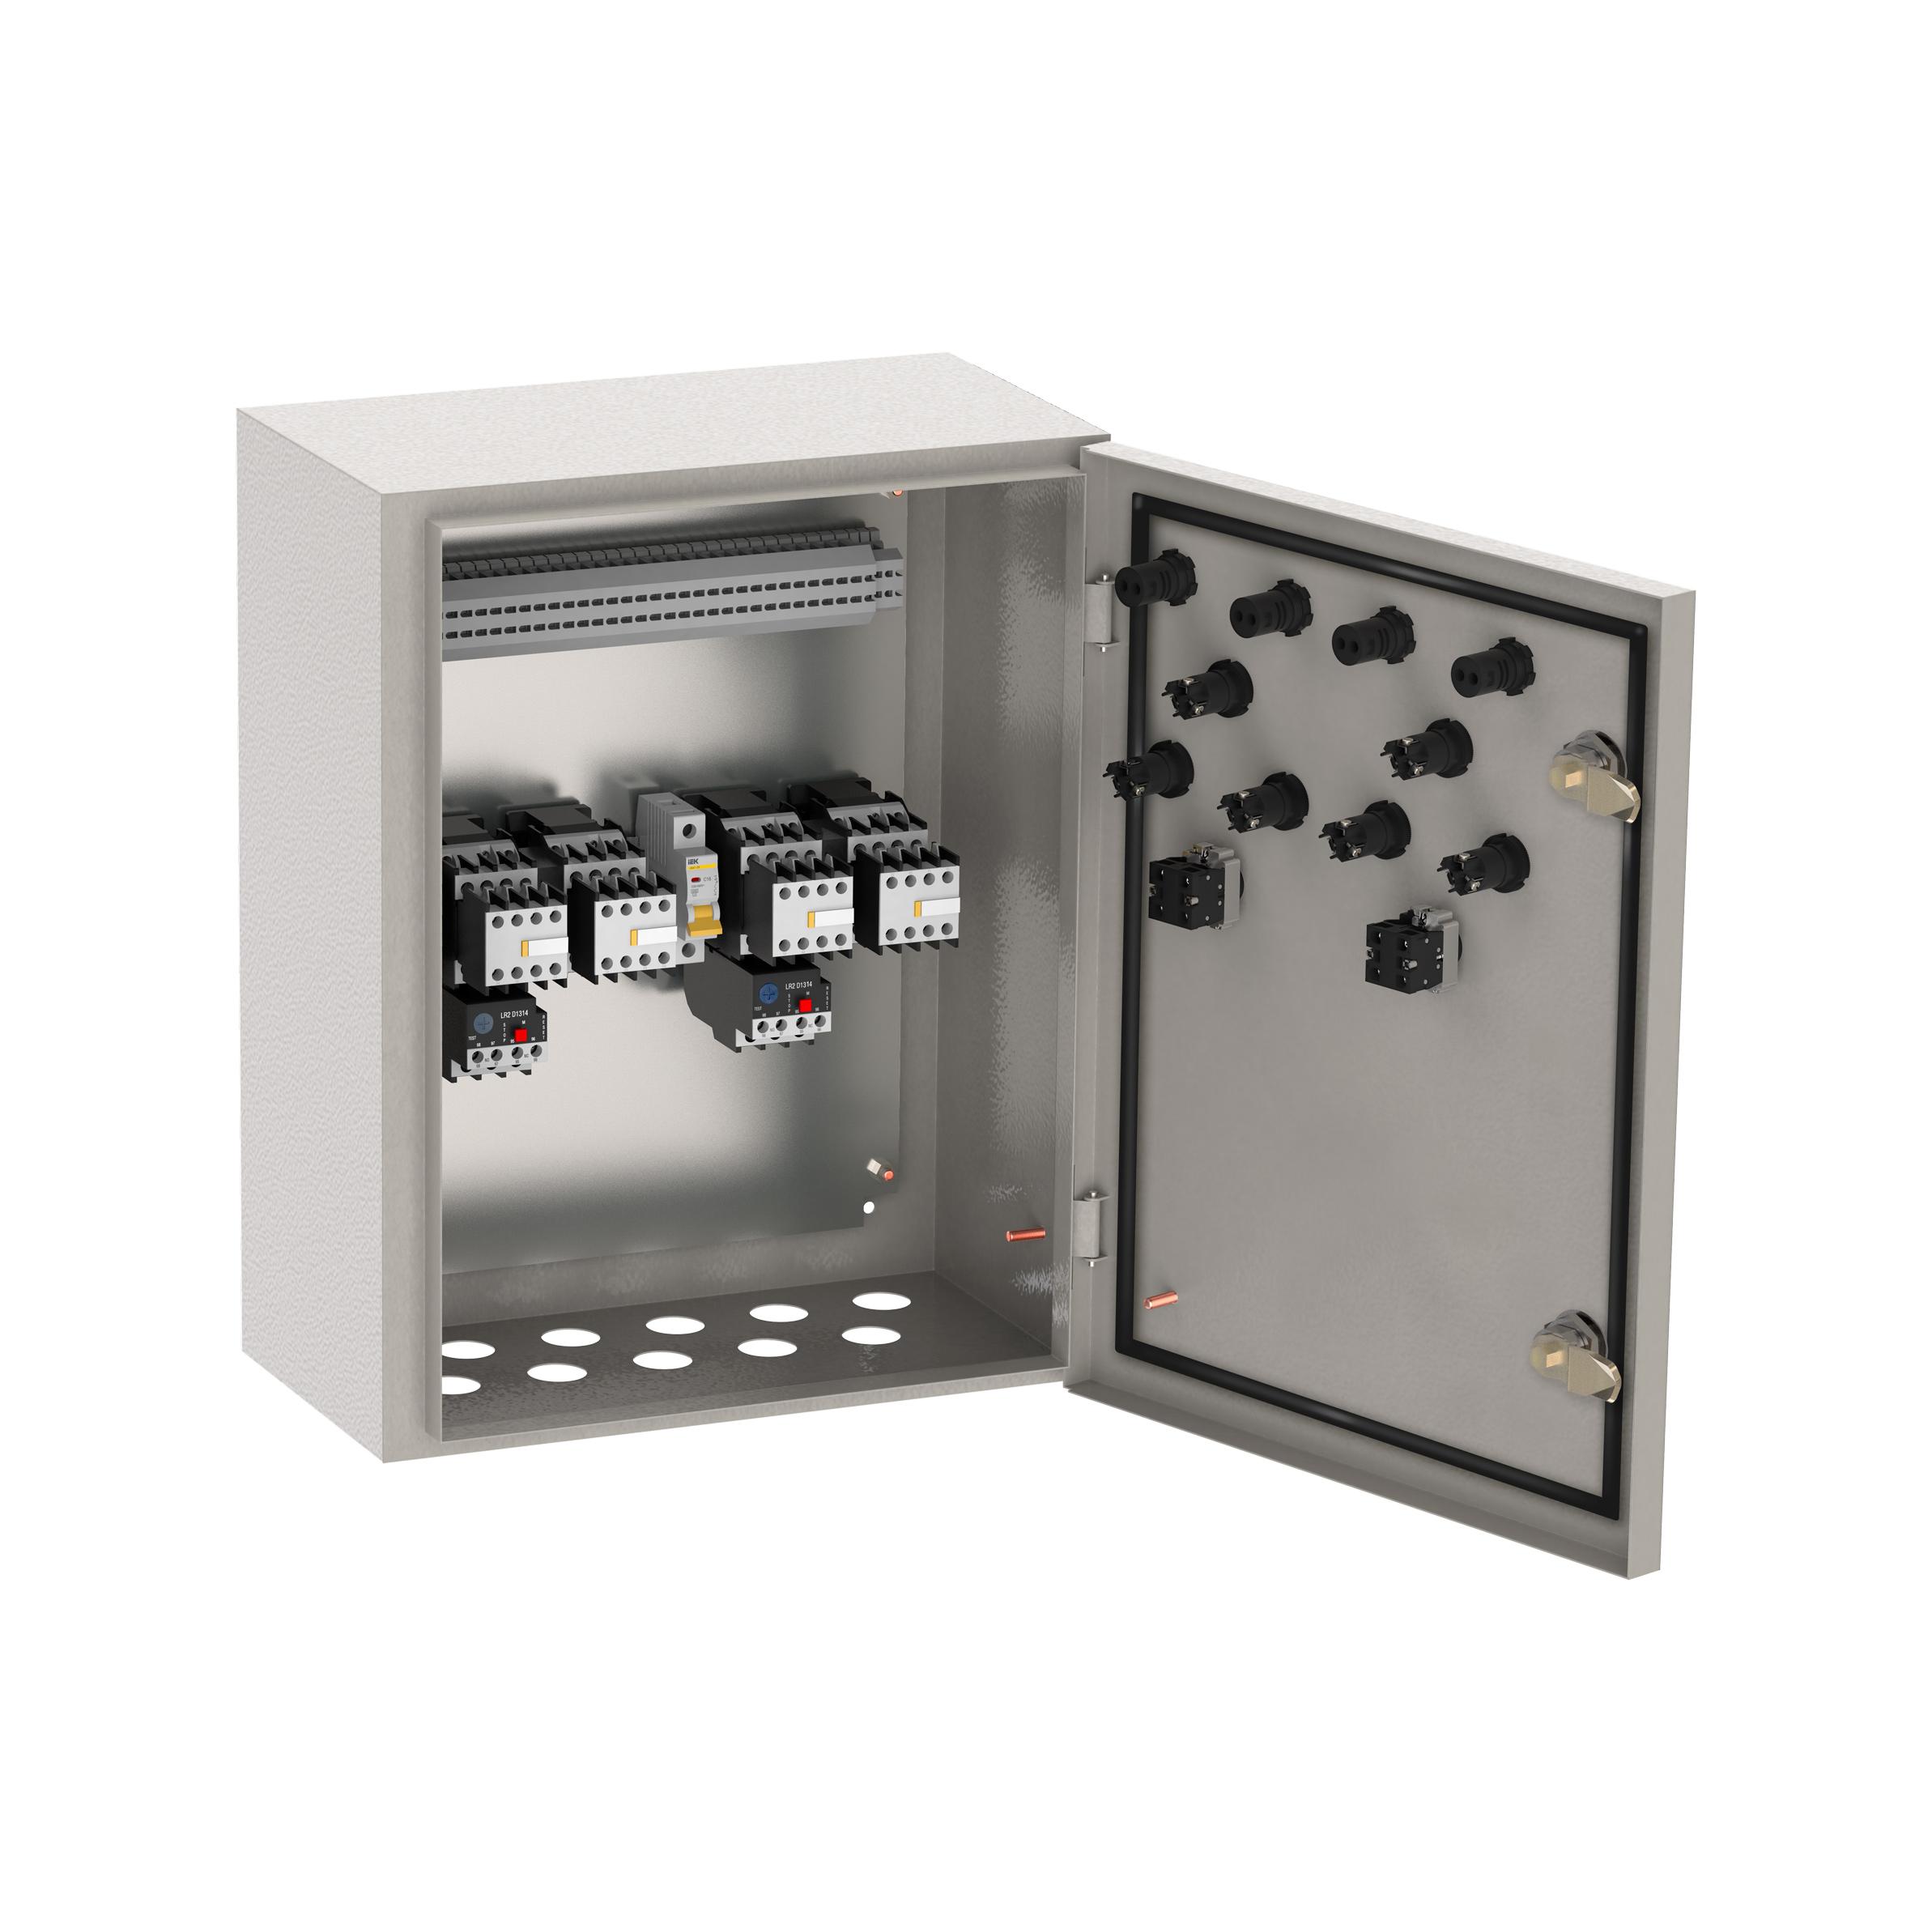 Ящик управления РУСМ5434-3274 реверсивный 2 фидера без автоматического выключателя без переключателя на автоматический режим 16А IP54 IEK